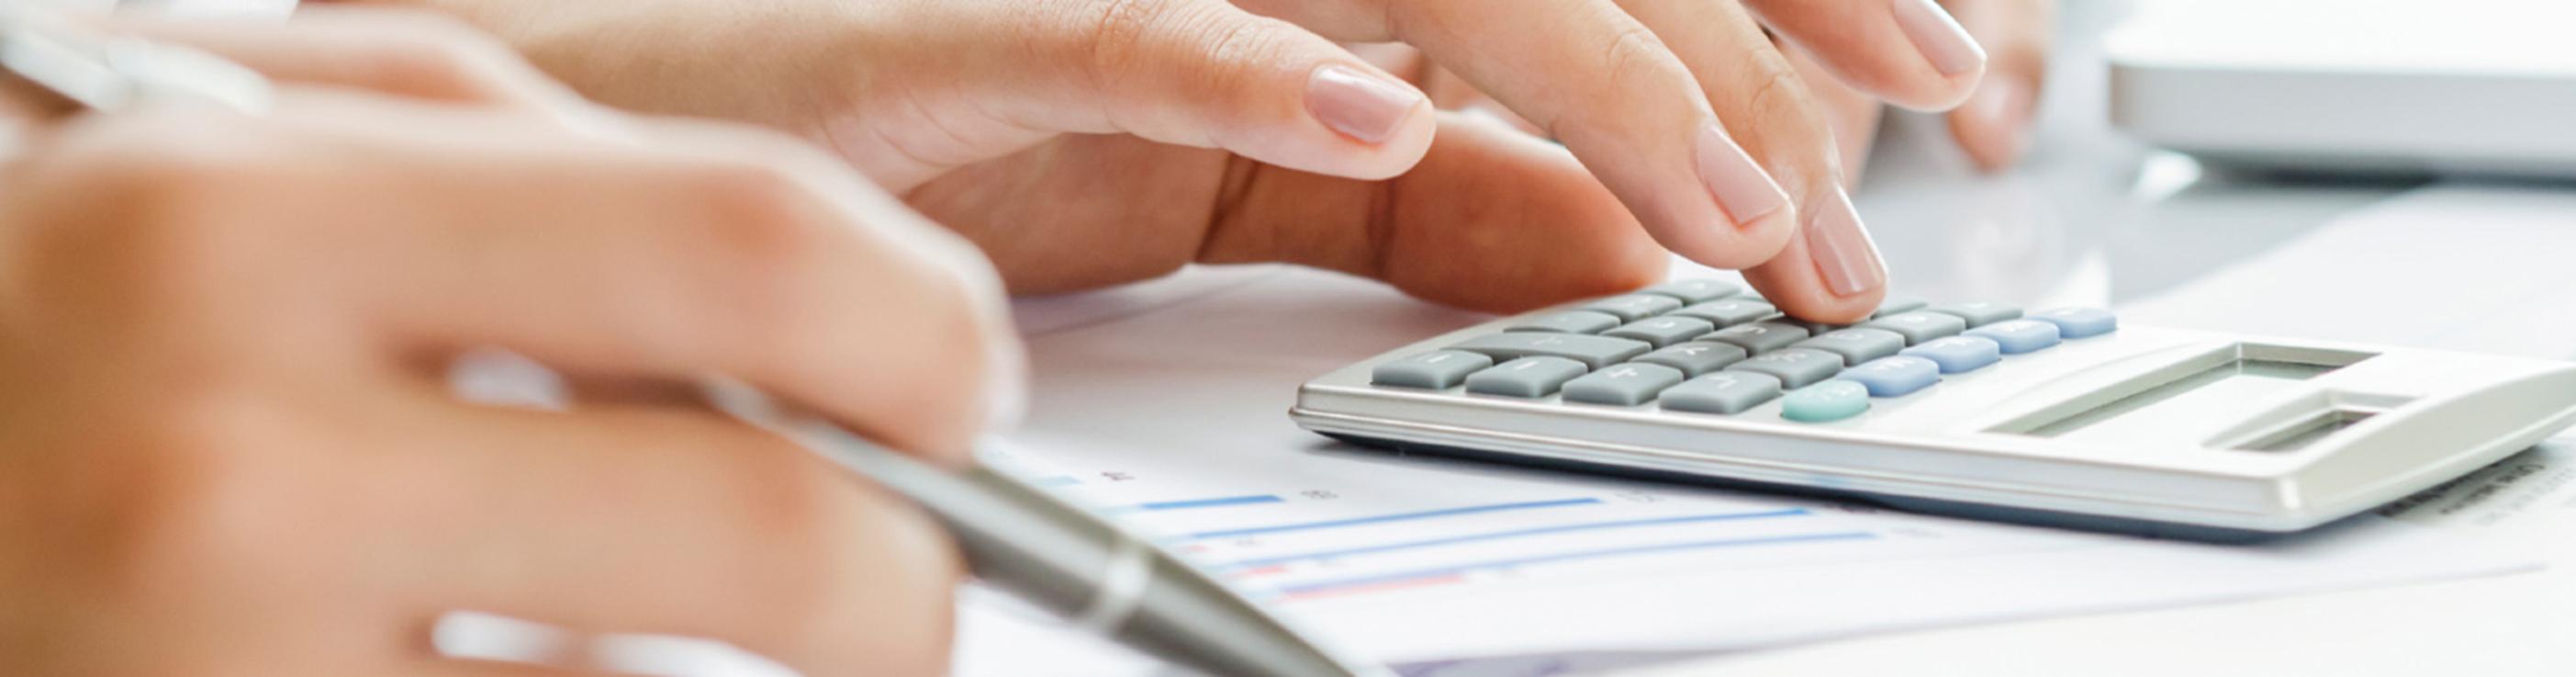 Persoonlijke benadering, professionele kwaliteit tegen een redelijke prijs